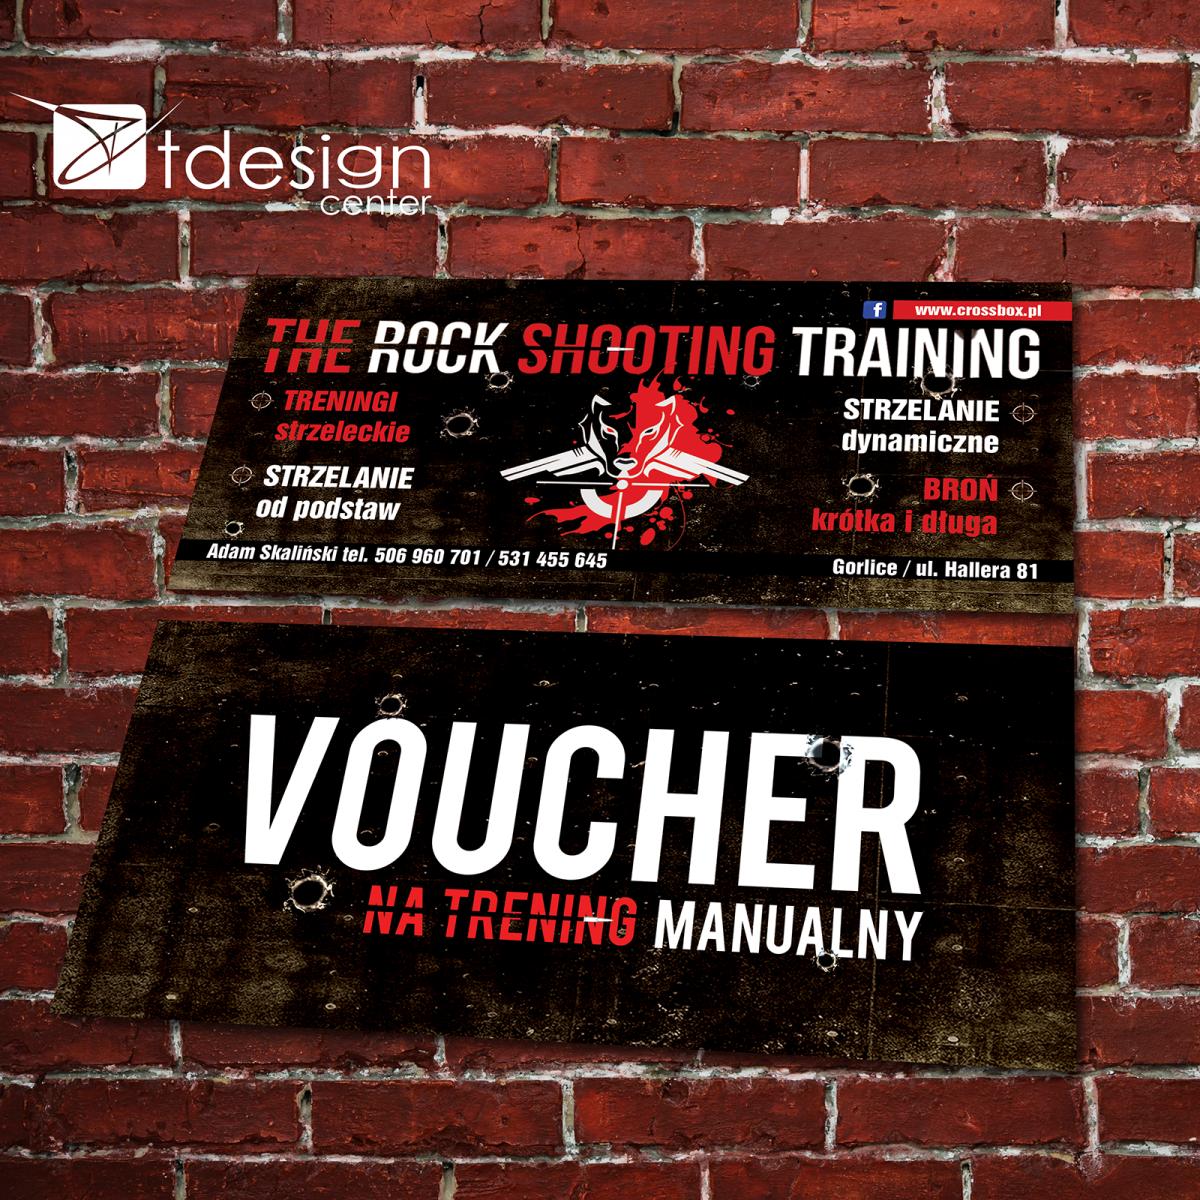 Voucher 191x86 mm zaprojektowany i drukowany dla klubu sportowego Cross Box Gorlice